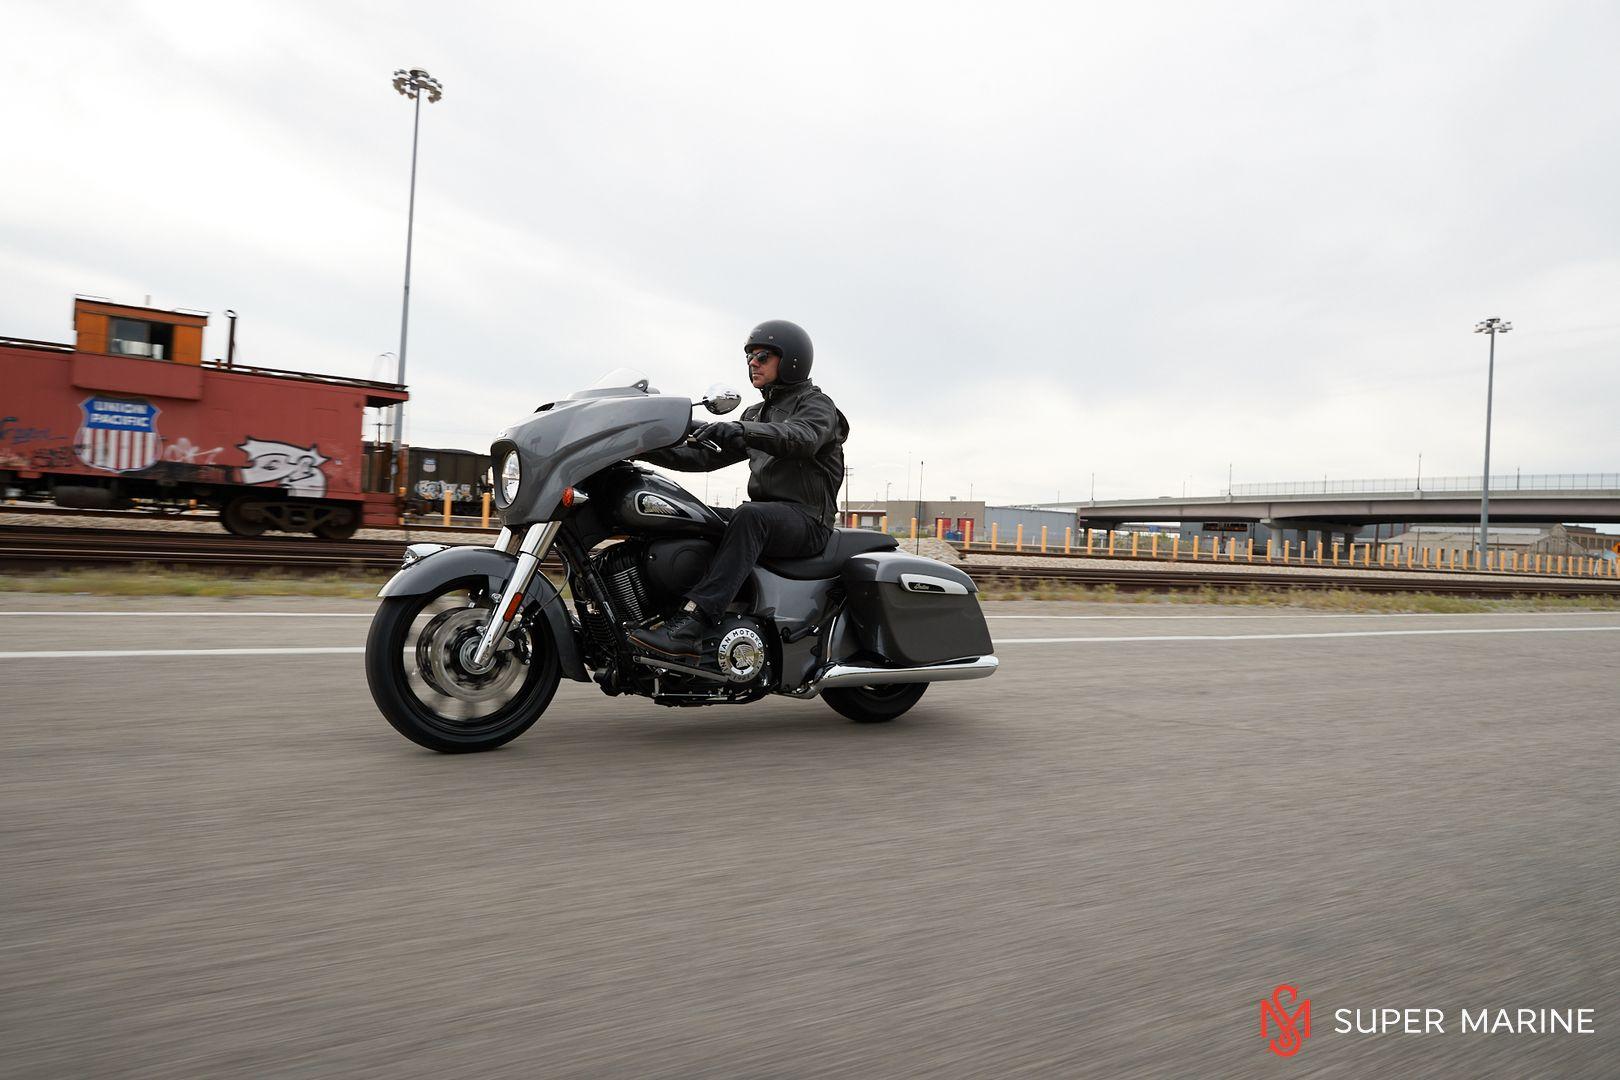 Мотоцикл Indian Chieftain Steel Gray 2019 - 16